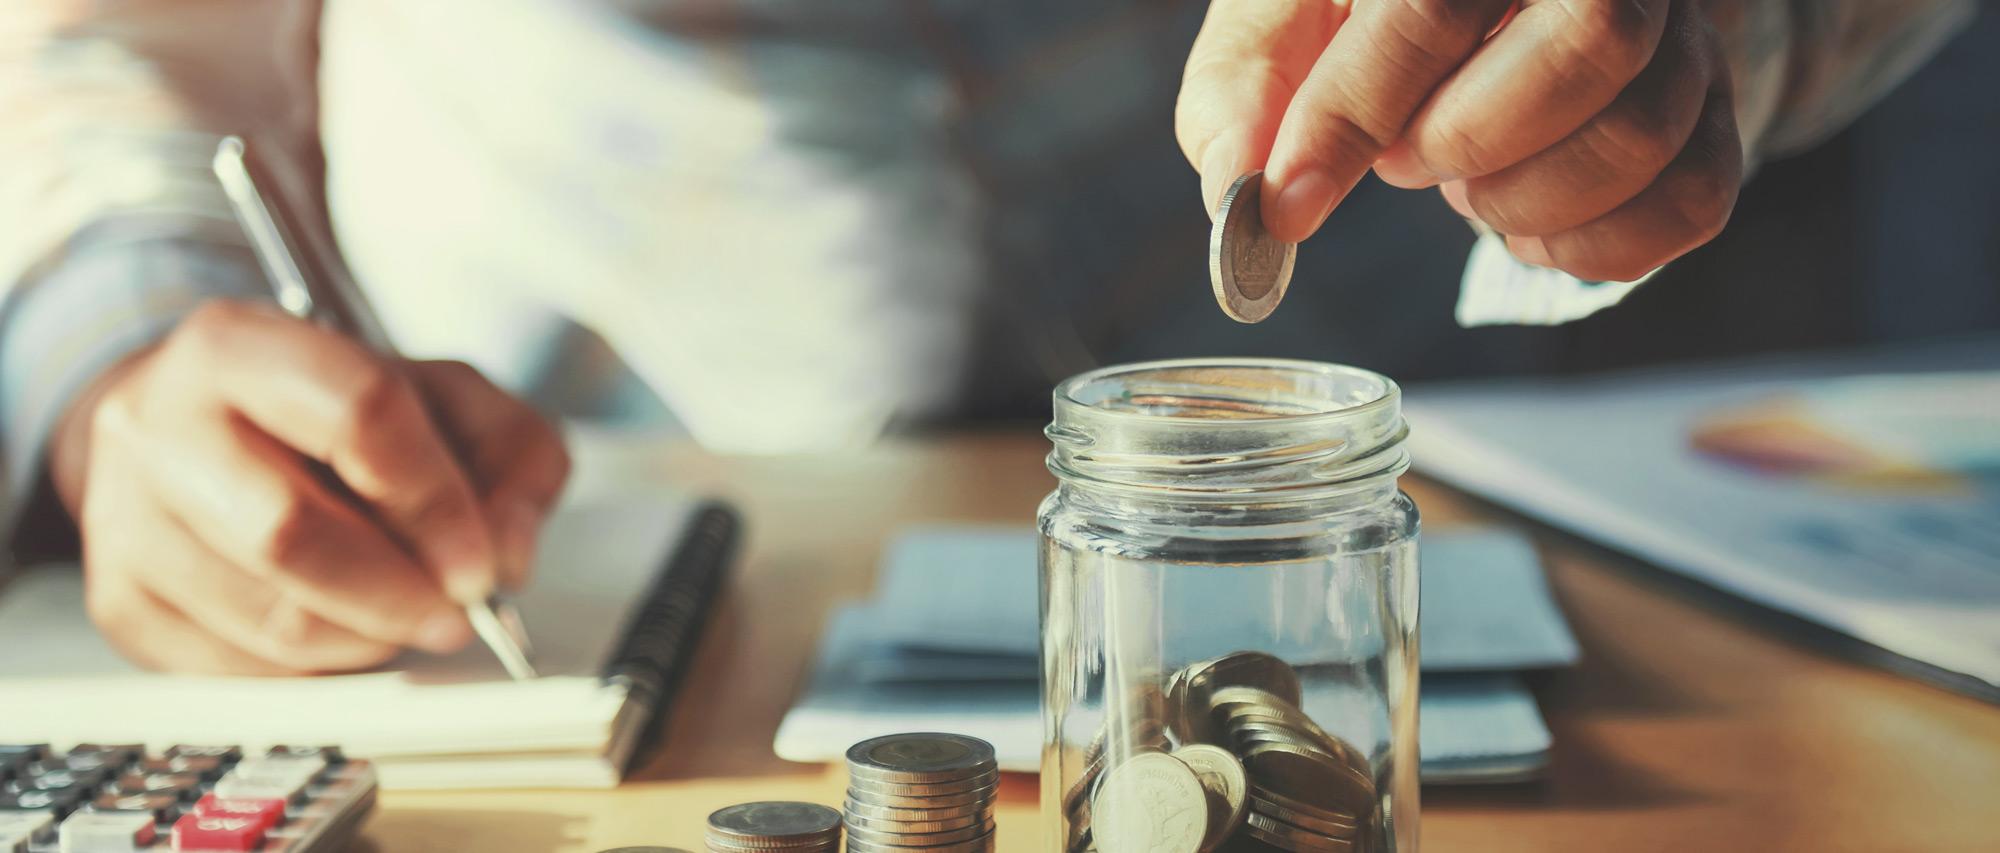 banner-money-in-jar